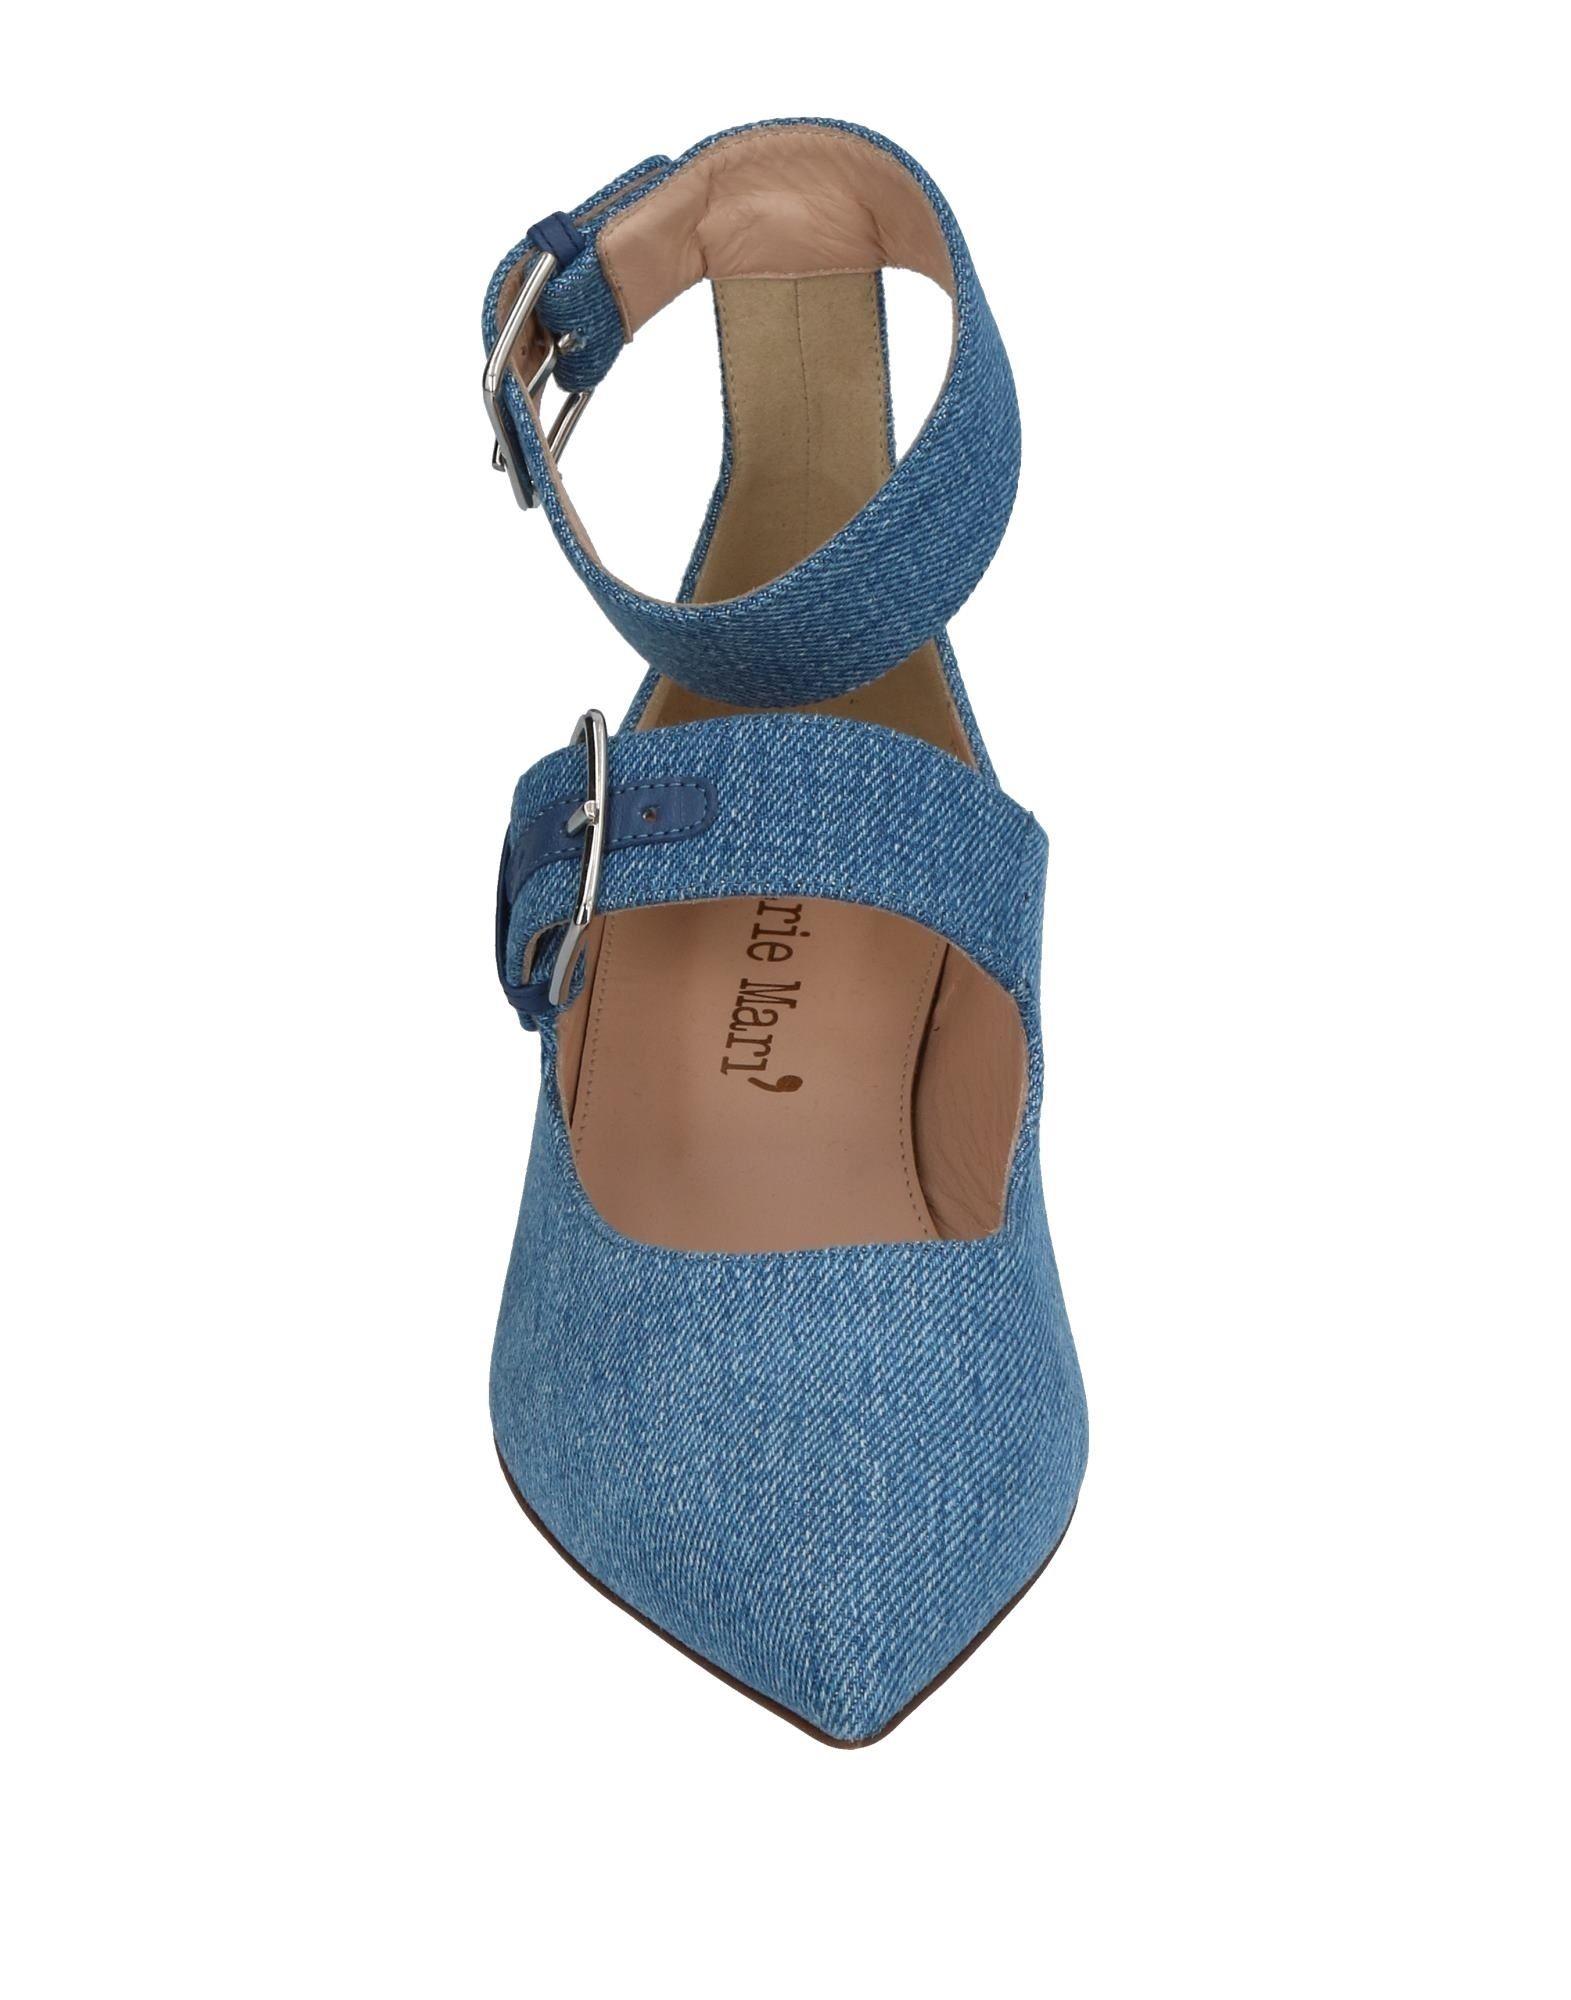 Marie Marí Ballerinas Damen  11372026QB Schuhe Neue Schuhe 11372026QB 483287